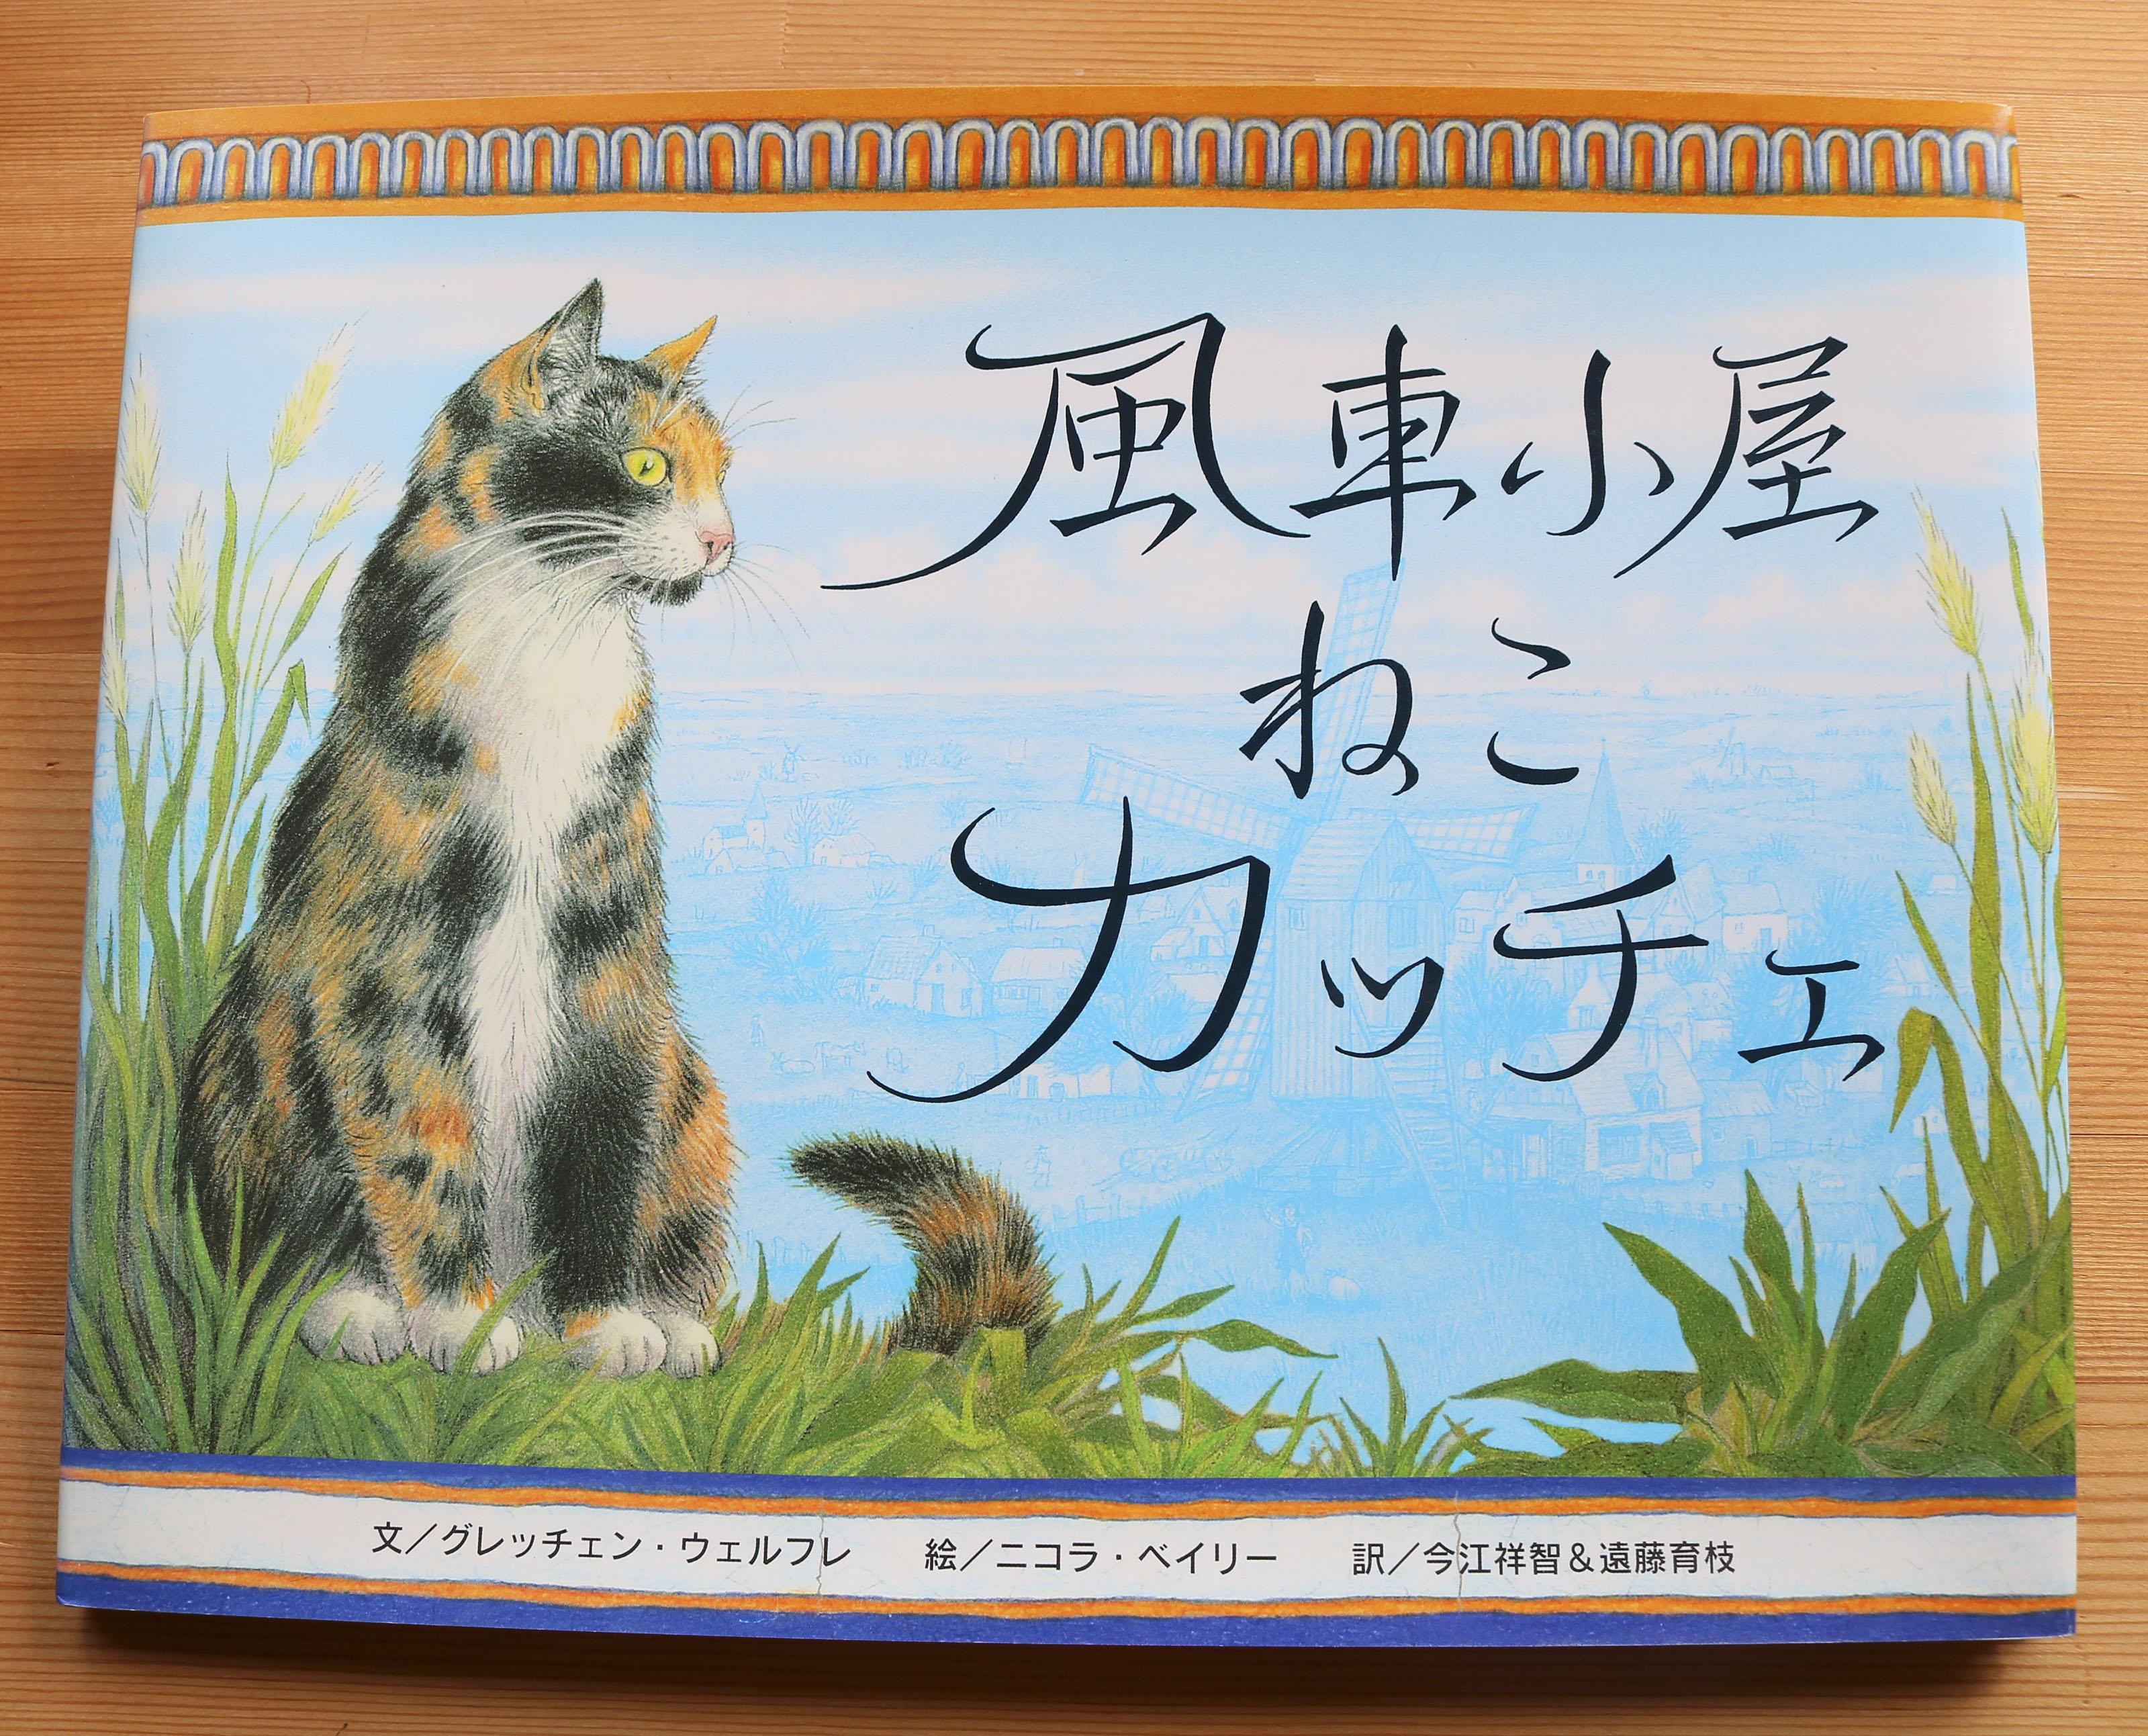 風車小屋ねこカッチェ 絵本 猫絵本 秋田 かぎしっぽ